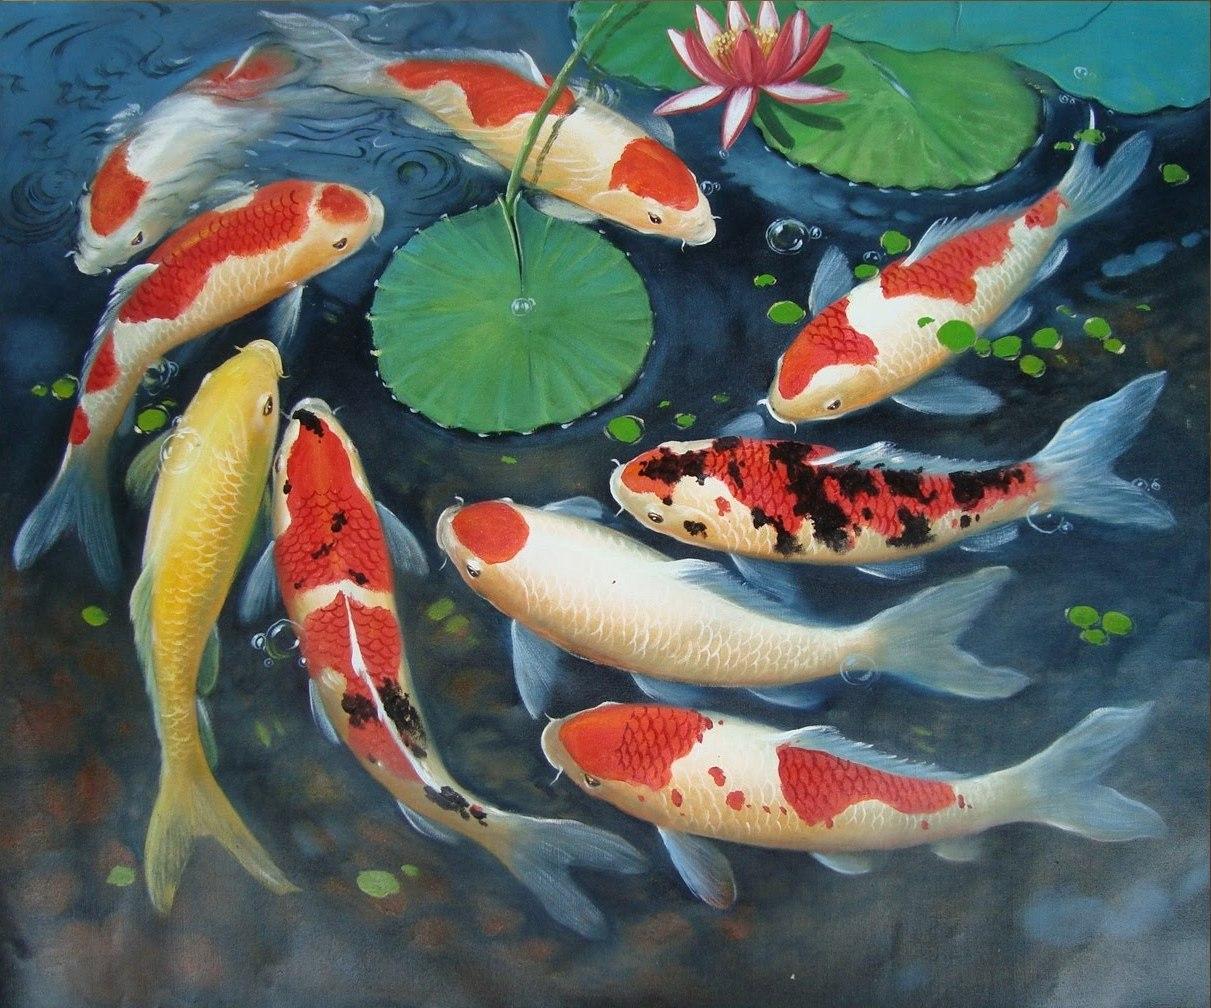 Kumpulan Lukisan Ikan Koi 3d Karnavalotto